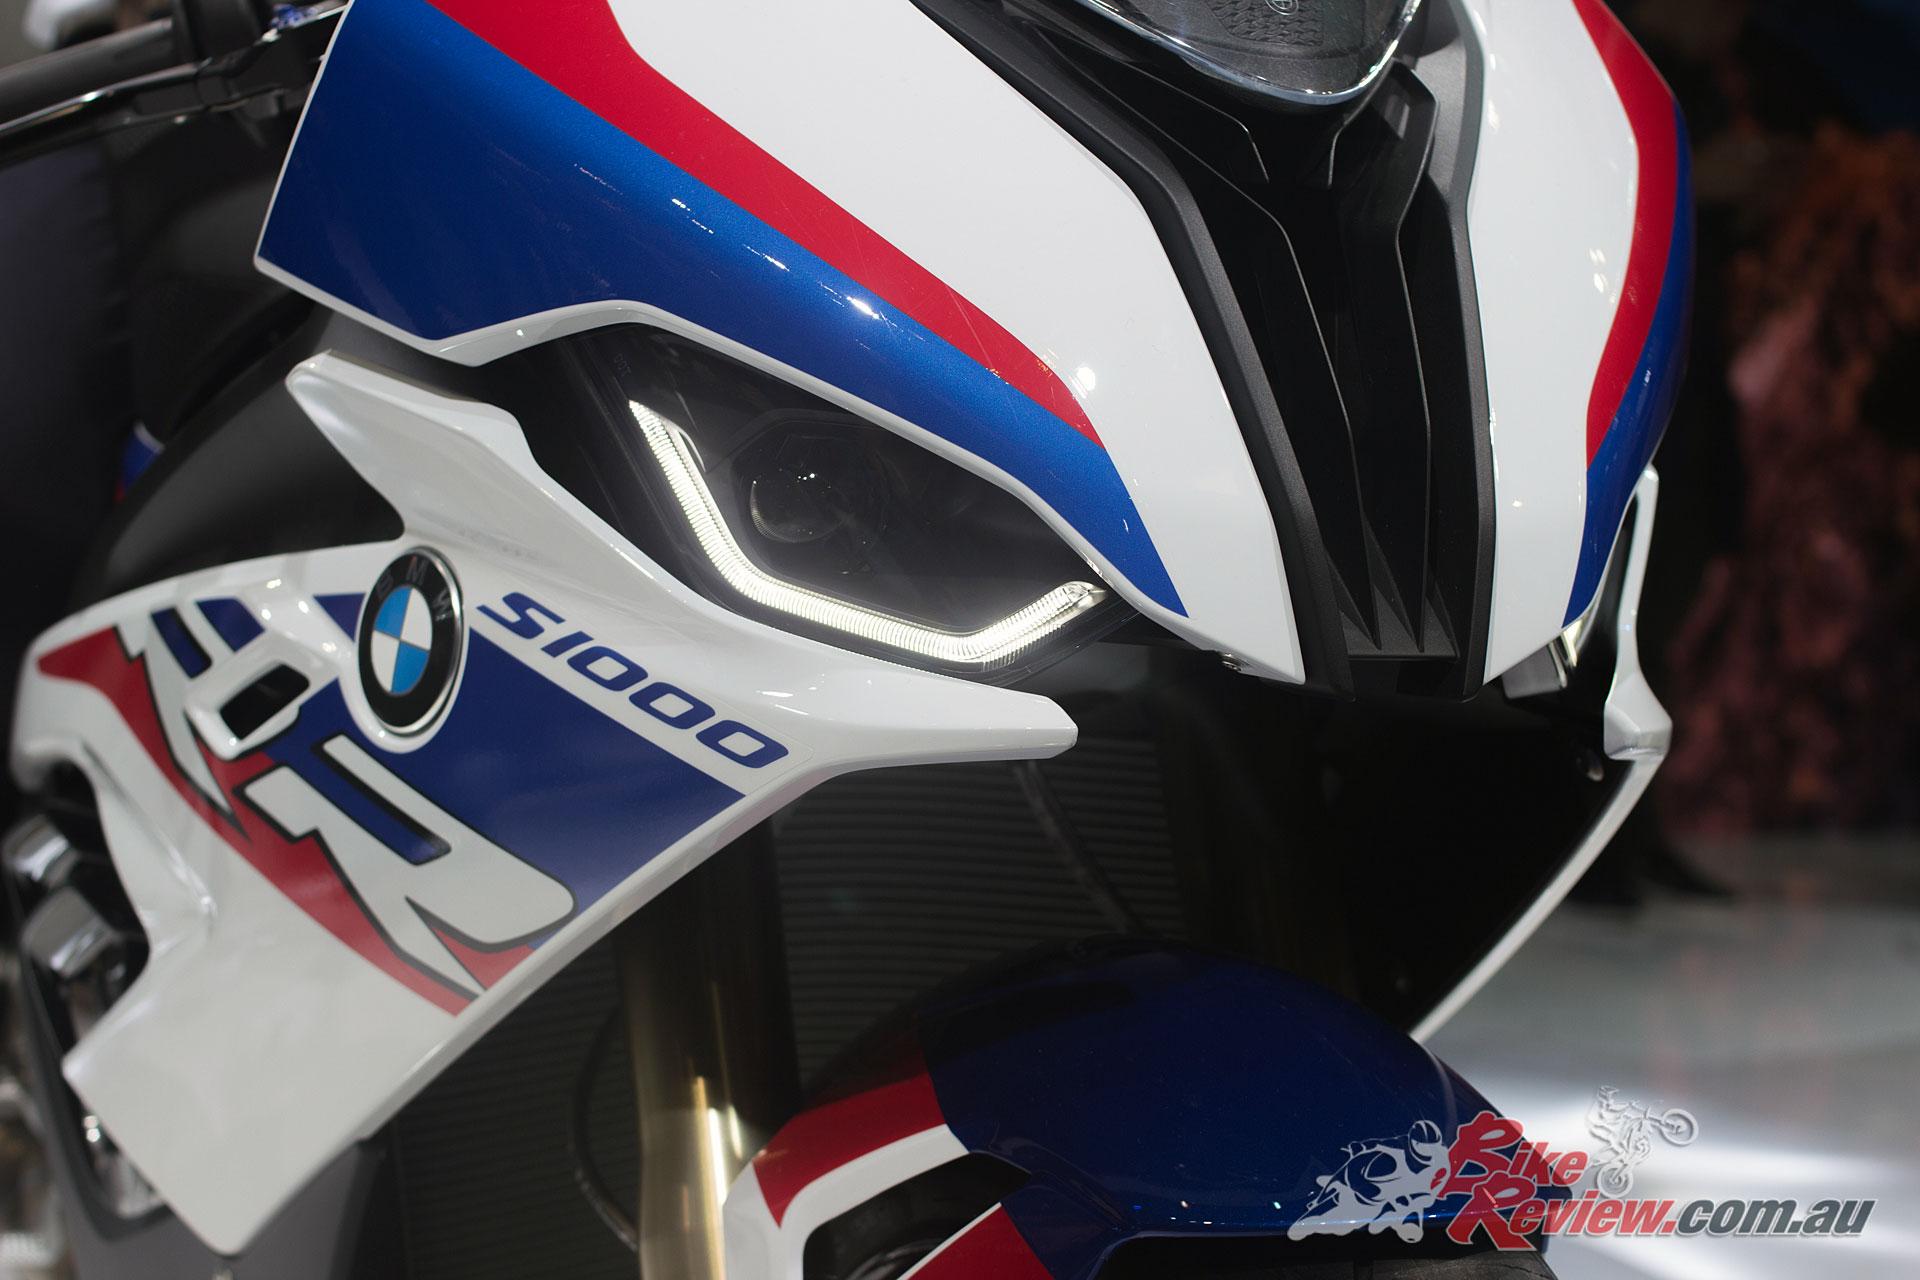 EICMA 2018 - BMW's 2019 S 1000 RR